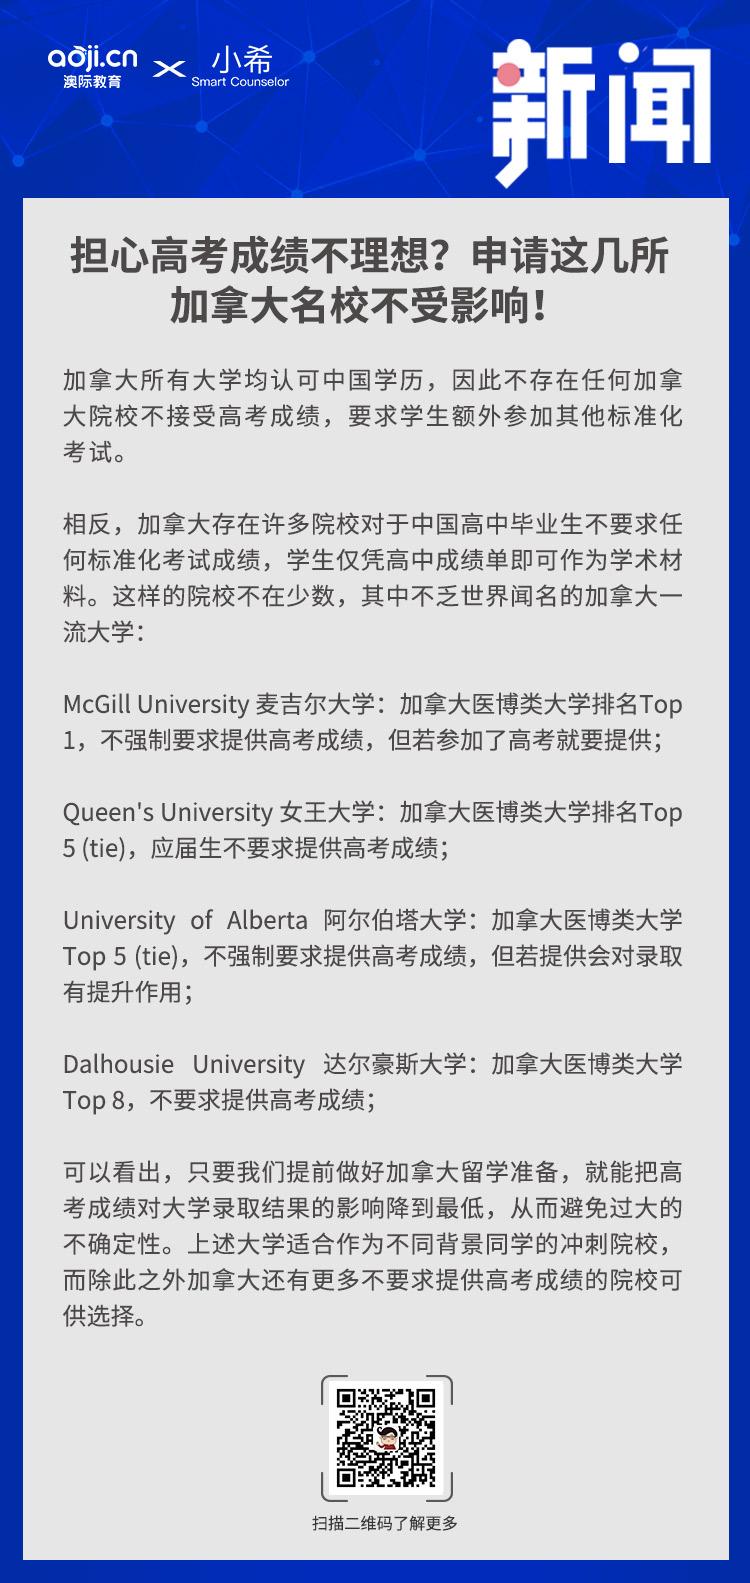 担心高考成绩不理想?申请这几所加拿大名校不受影响!